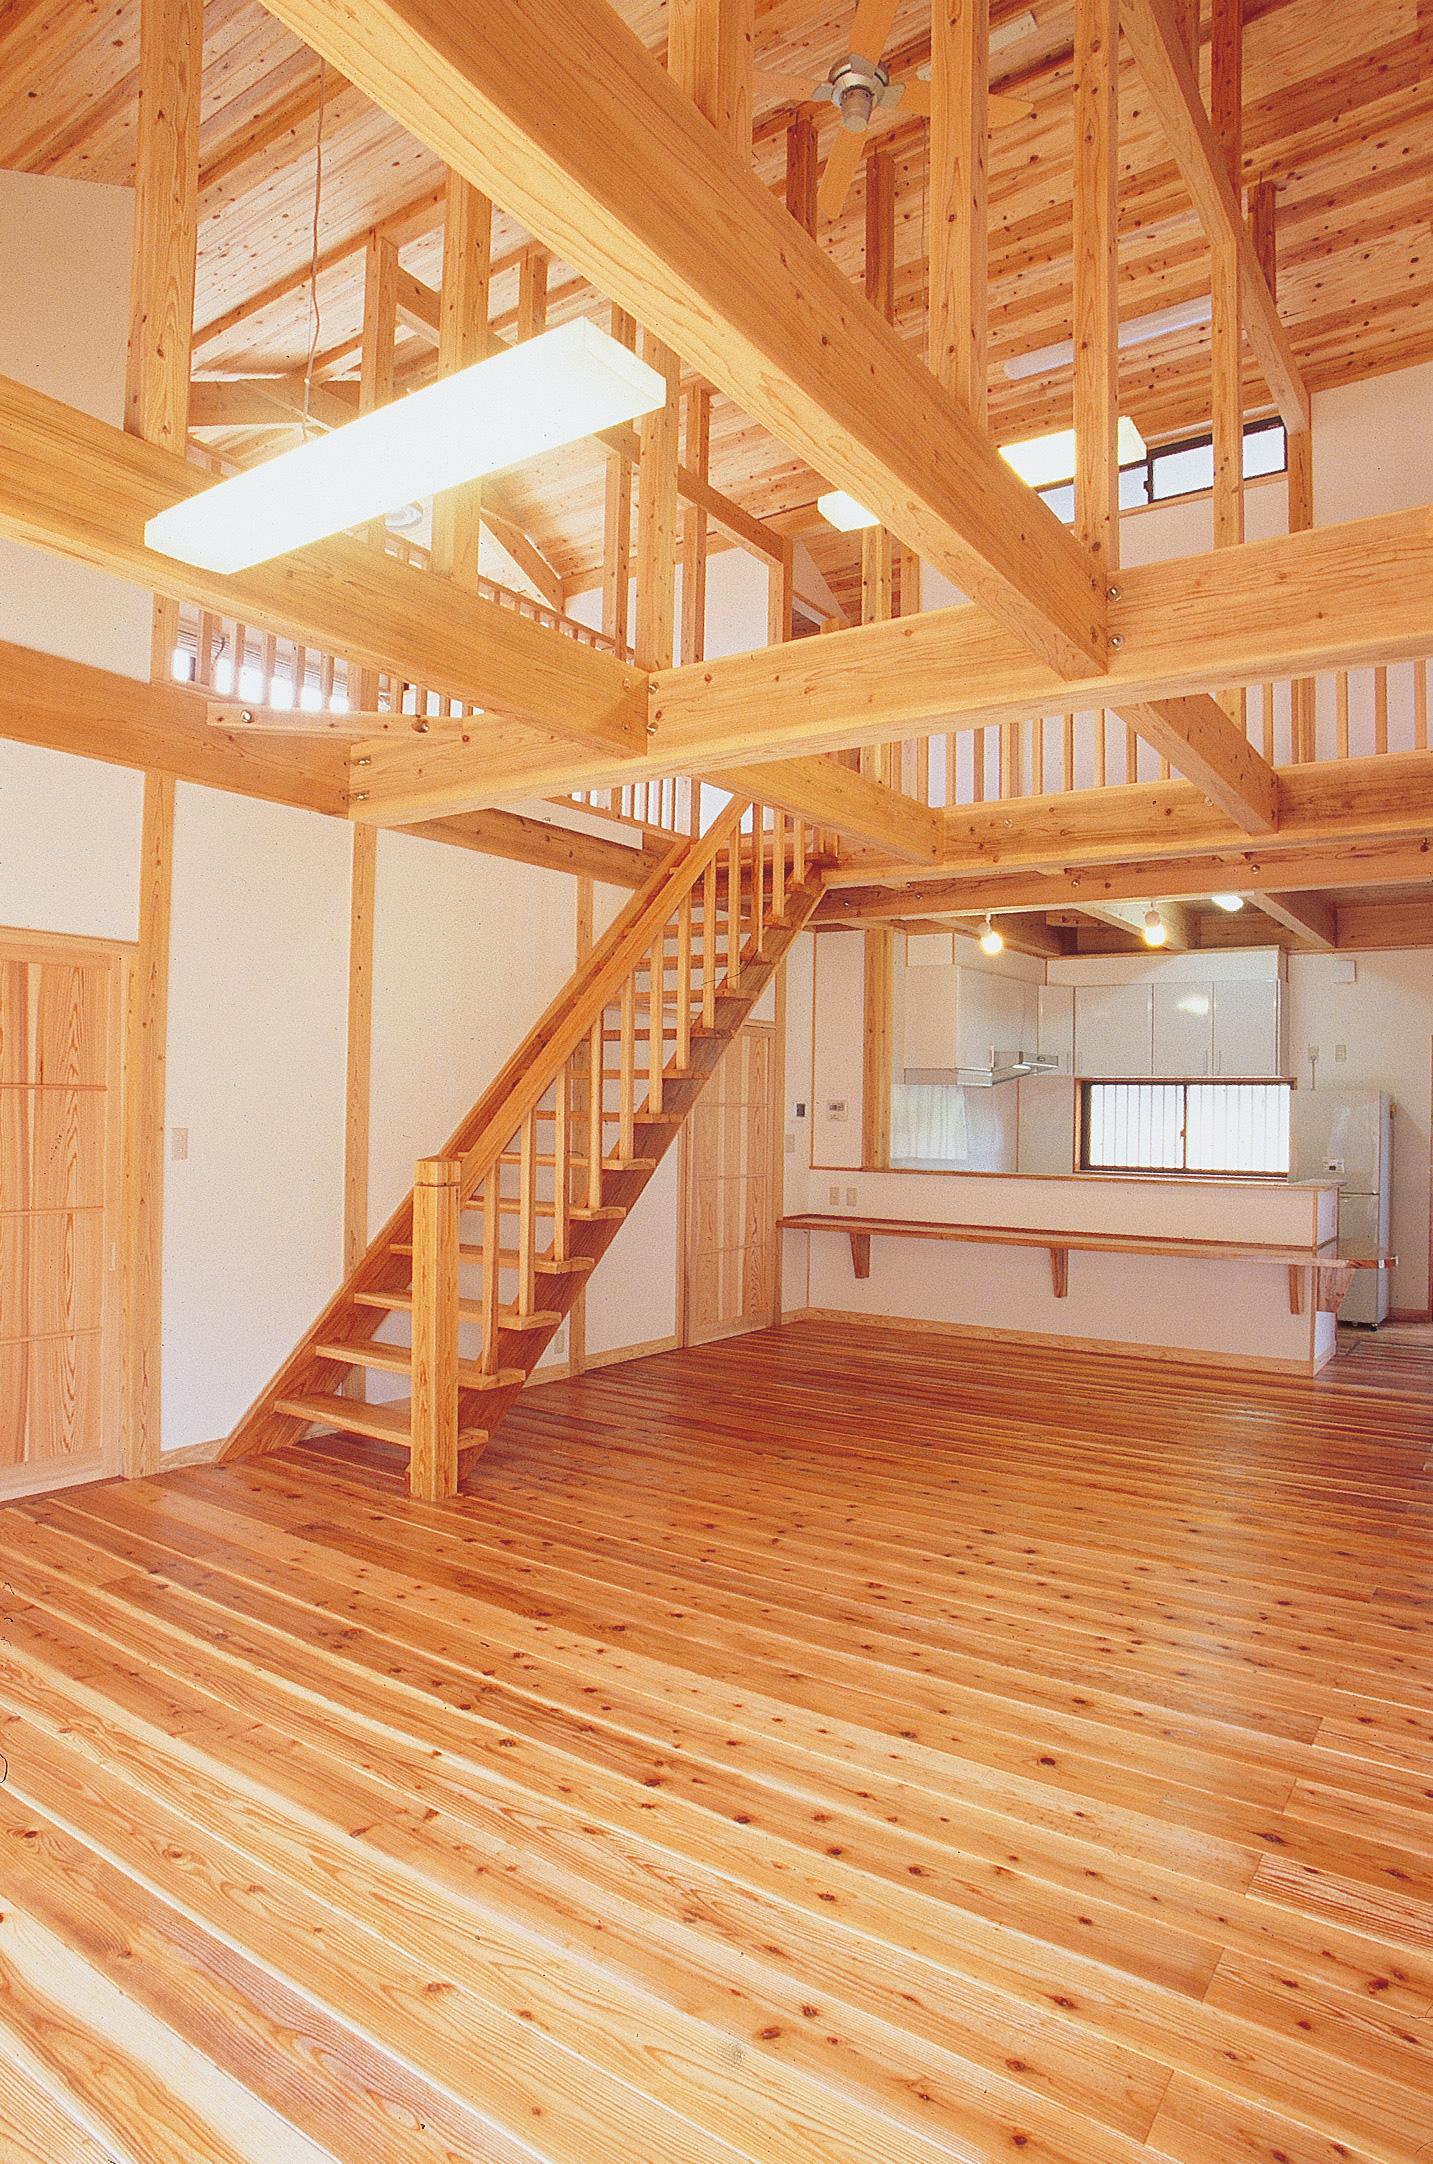 すべての部屋の中心に位置するリビング。窓にはローマンシェードを採用しているため、太陽の動きに応じて光の入り具合を調節できる。